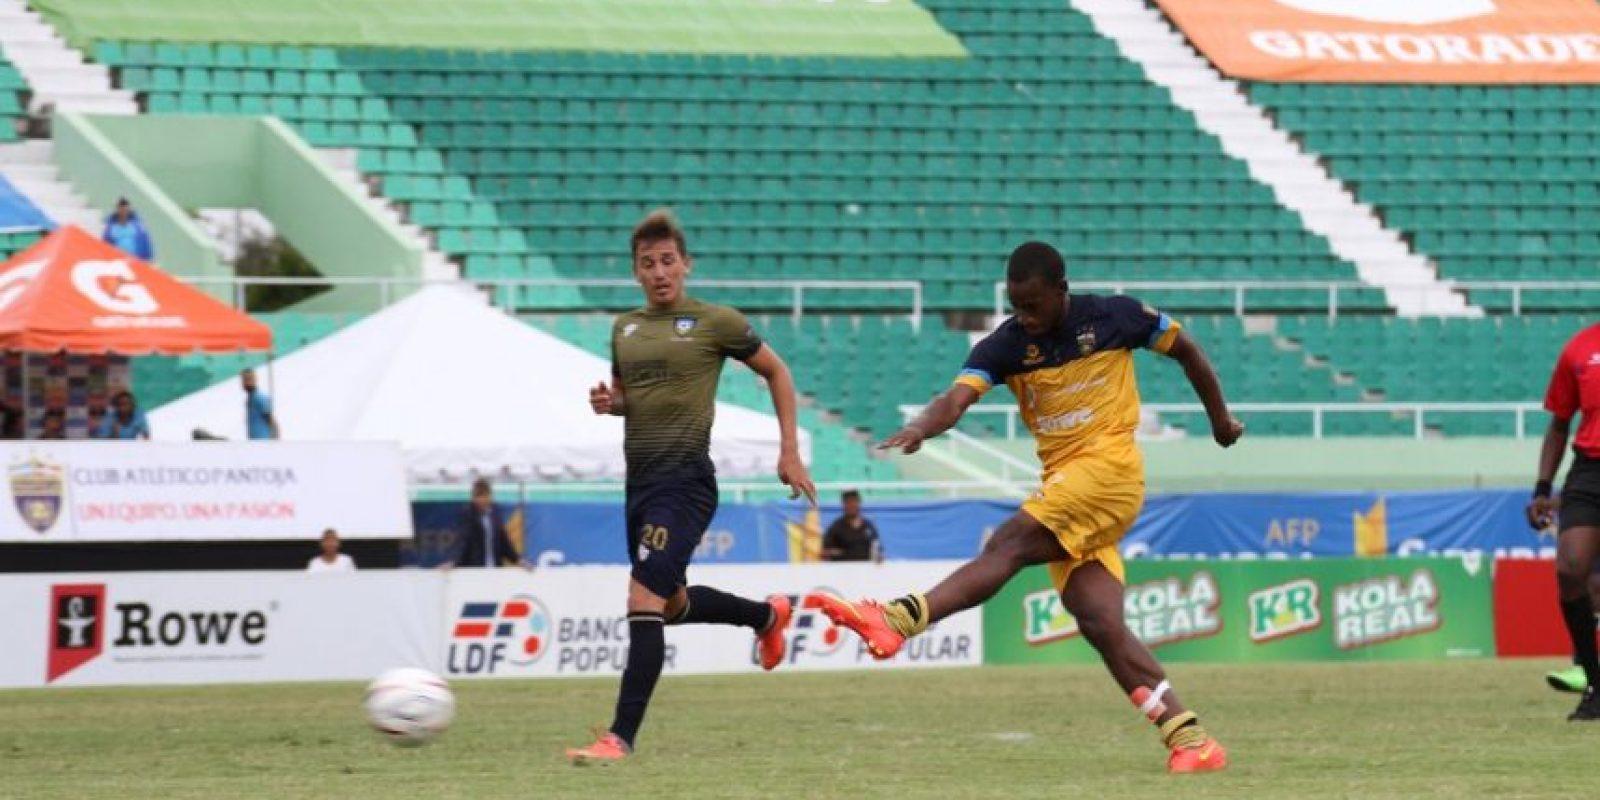 Luís Espinal al momento de patear la esférica que al final se convirtió en gol. Foto:Fuente externa